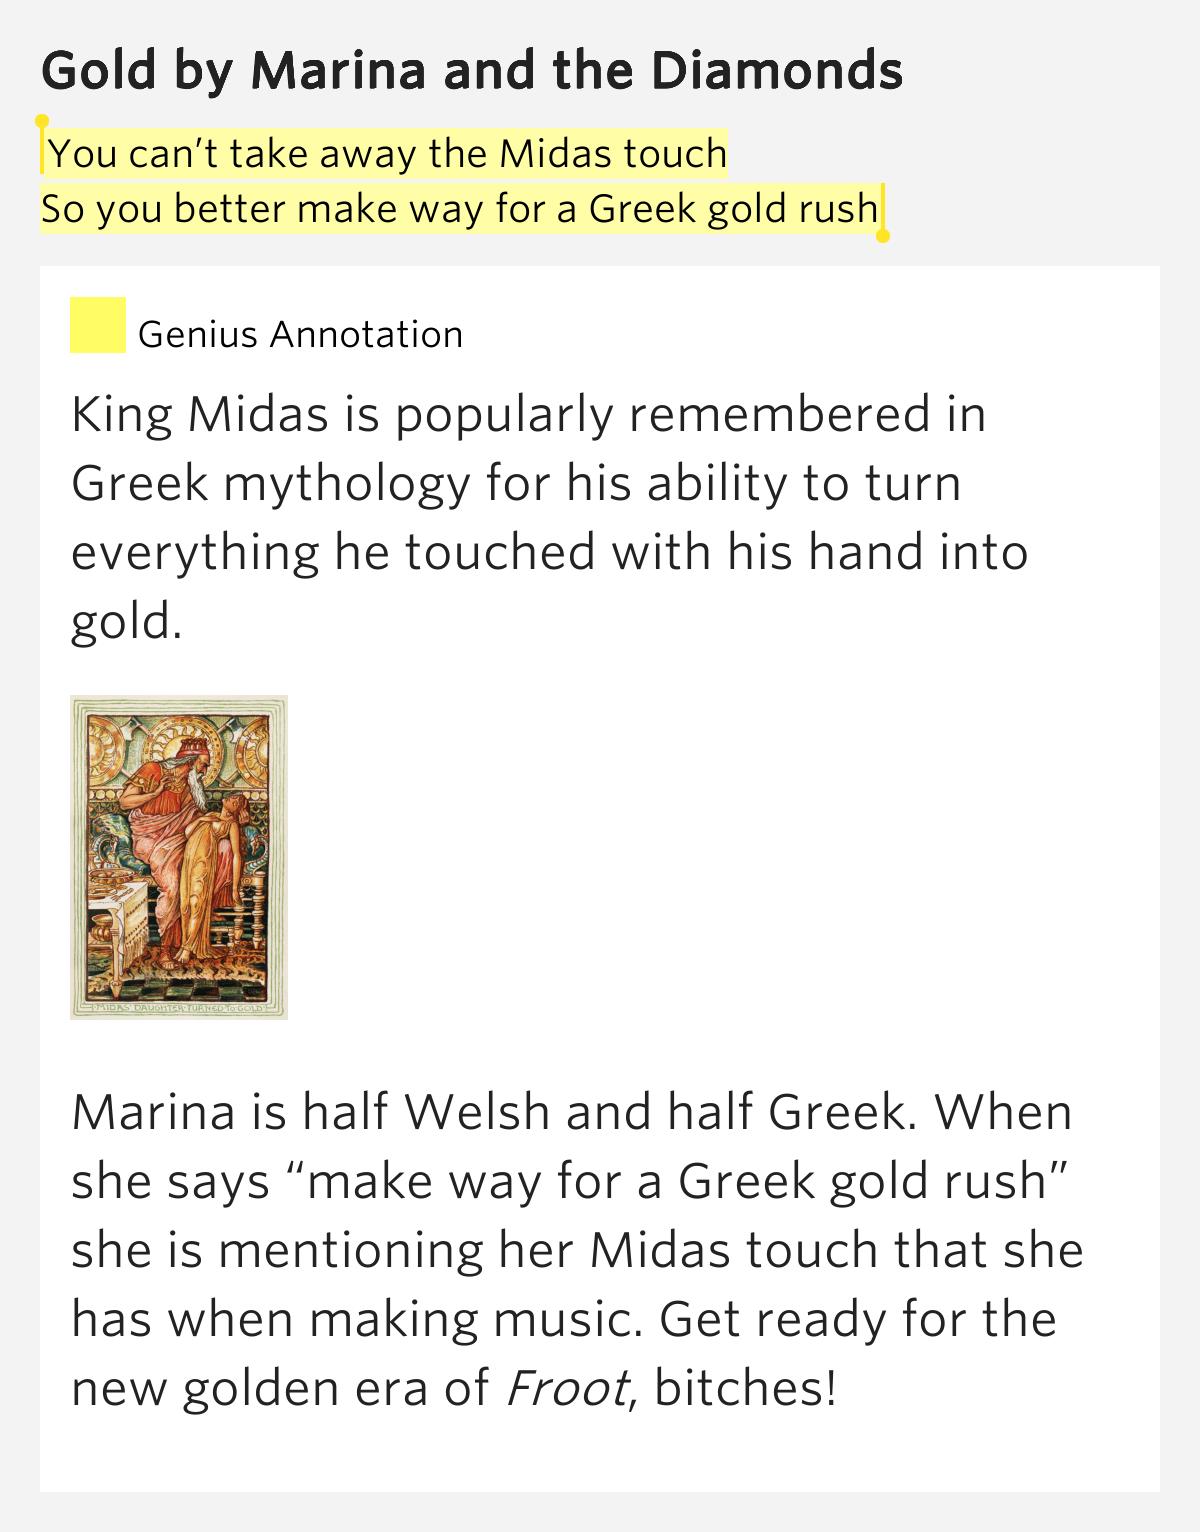 Lyrics containing the term: midas